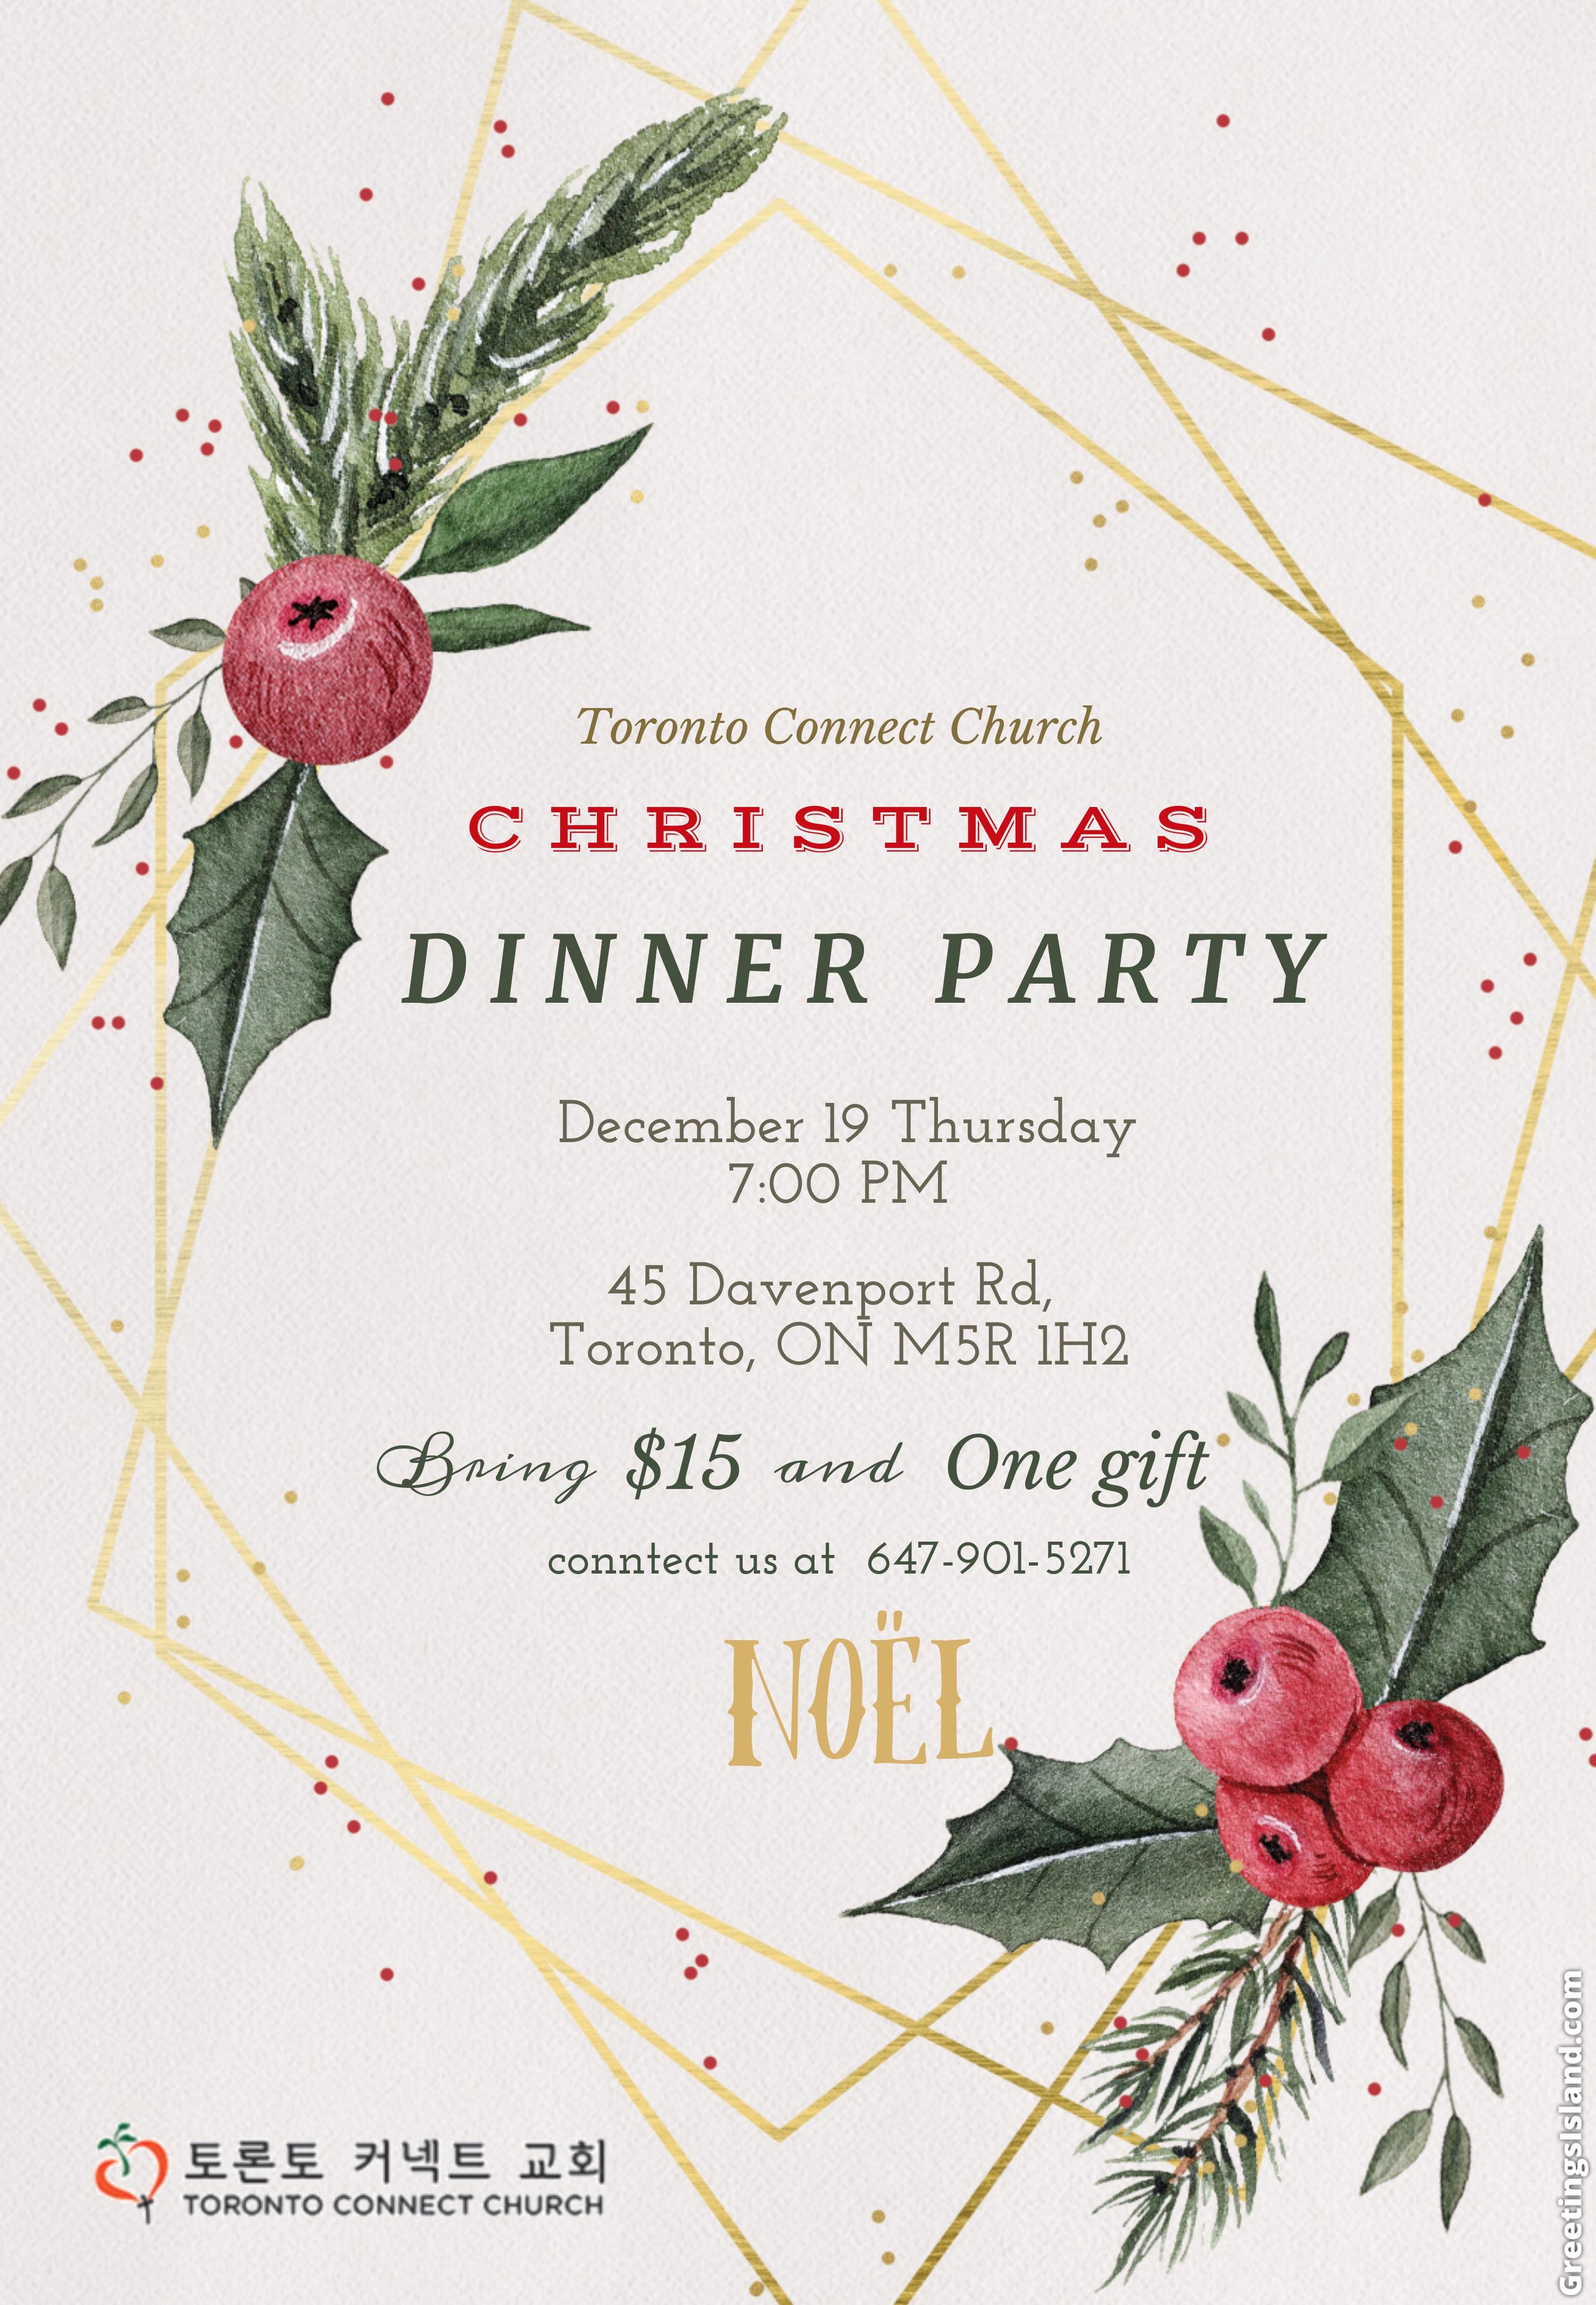 [크리스마스 디너 파티] 12월19일 토론토 커넥트 교회 친교실